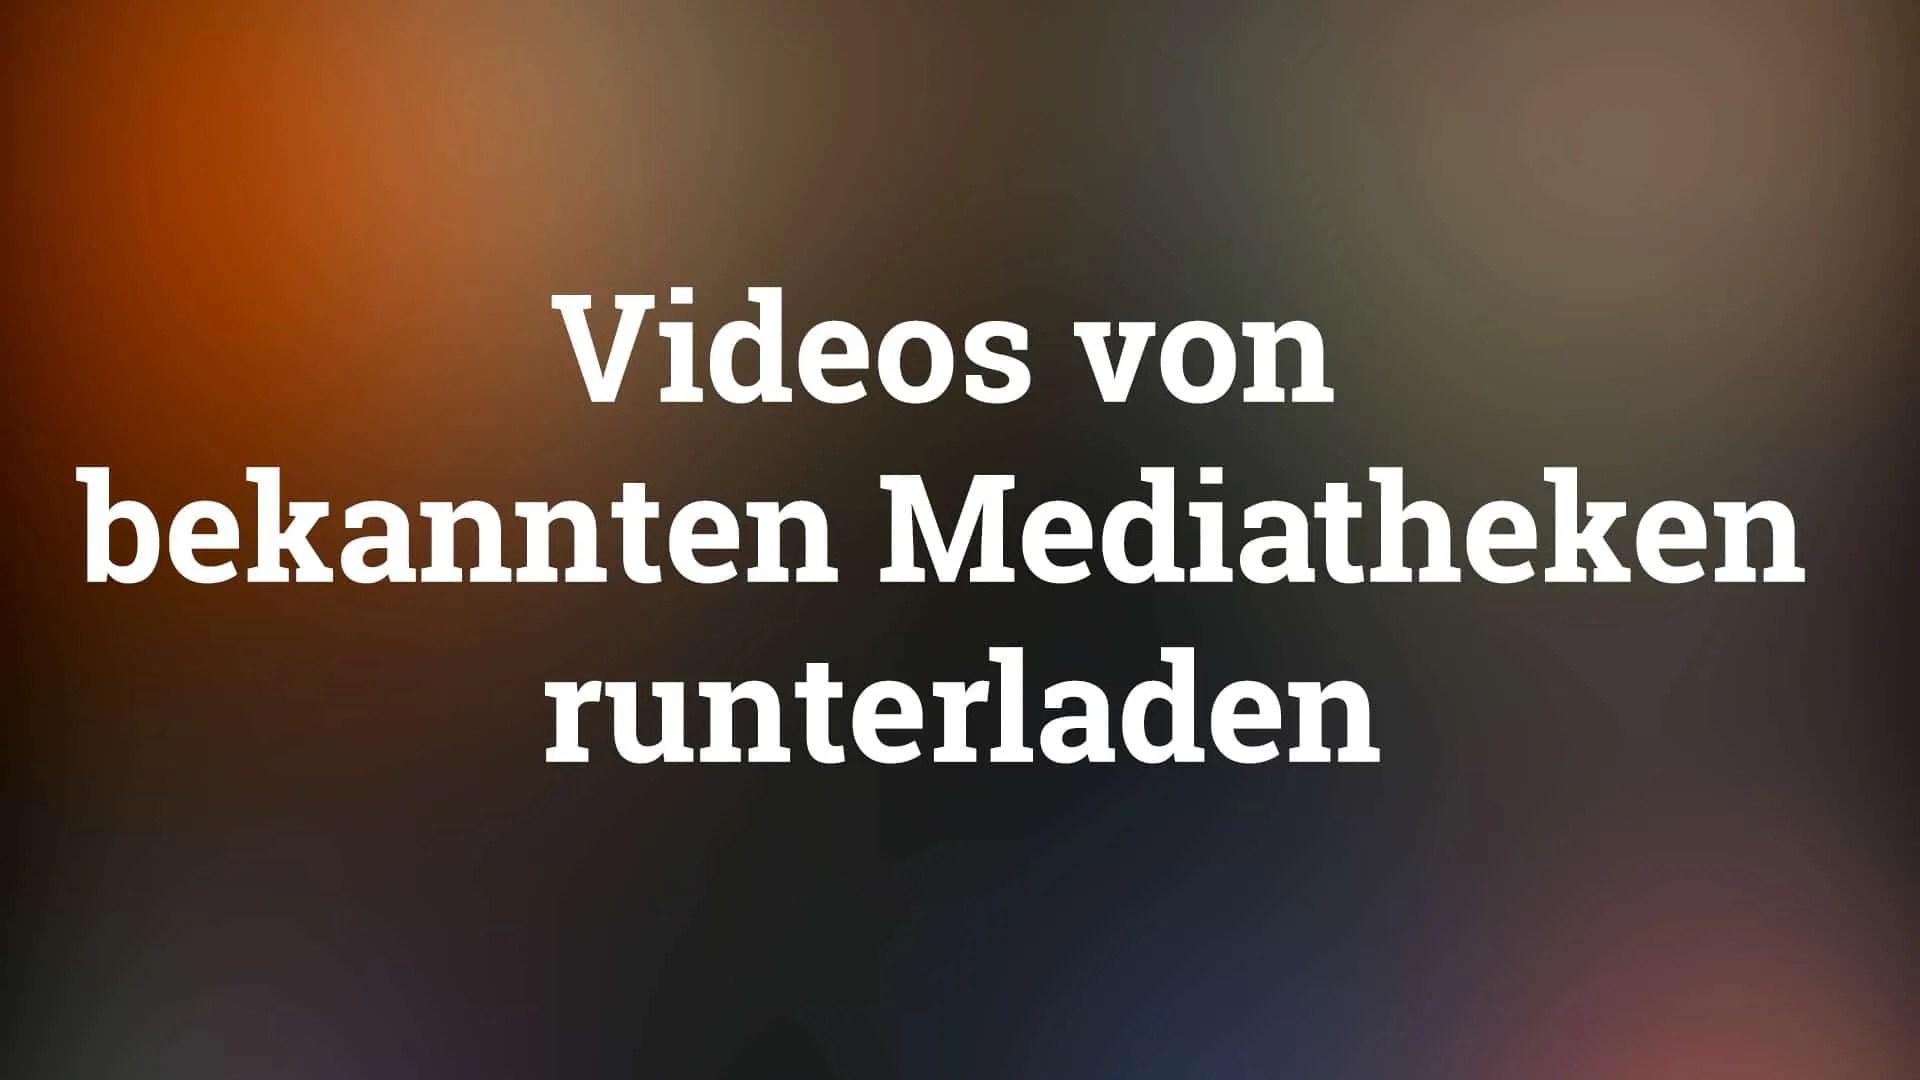 videos aus mediatheken herunterladen